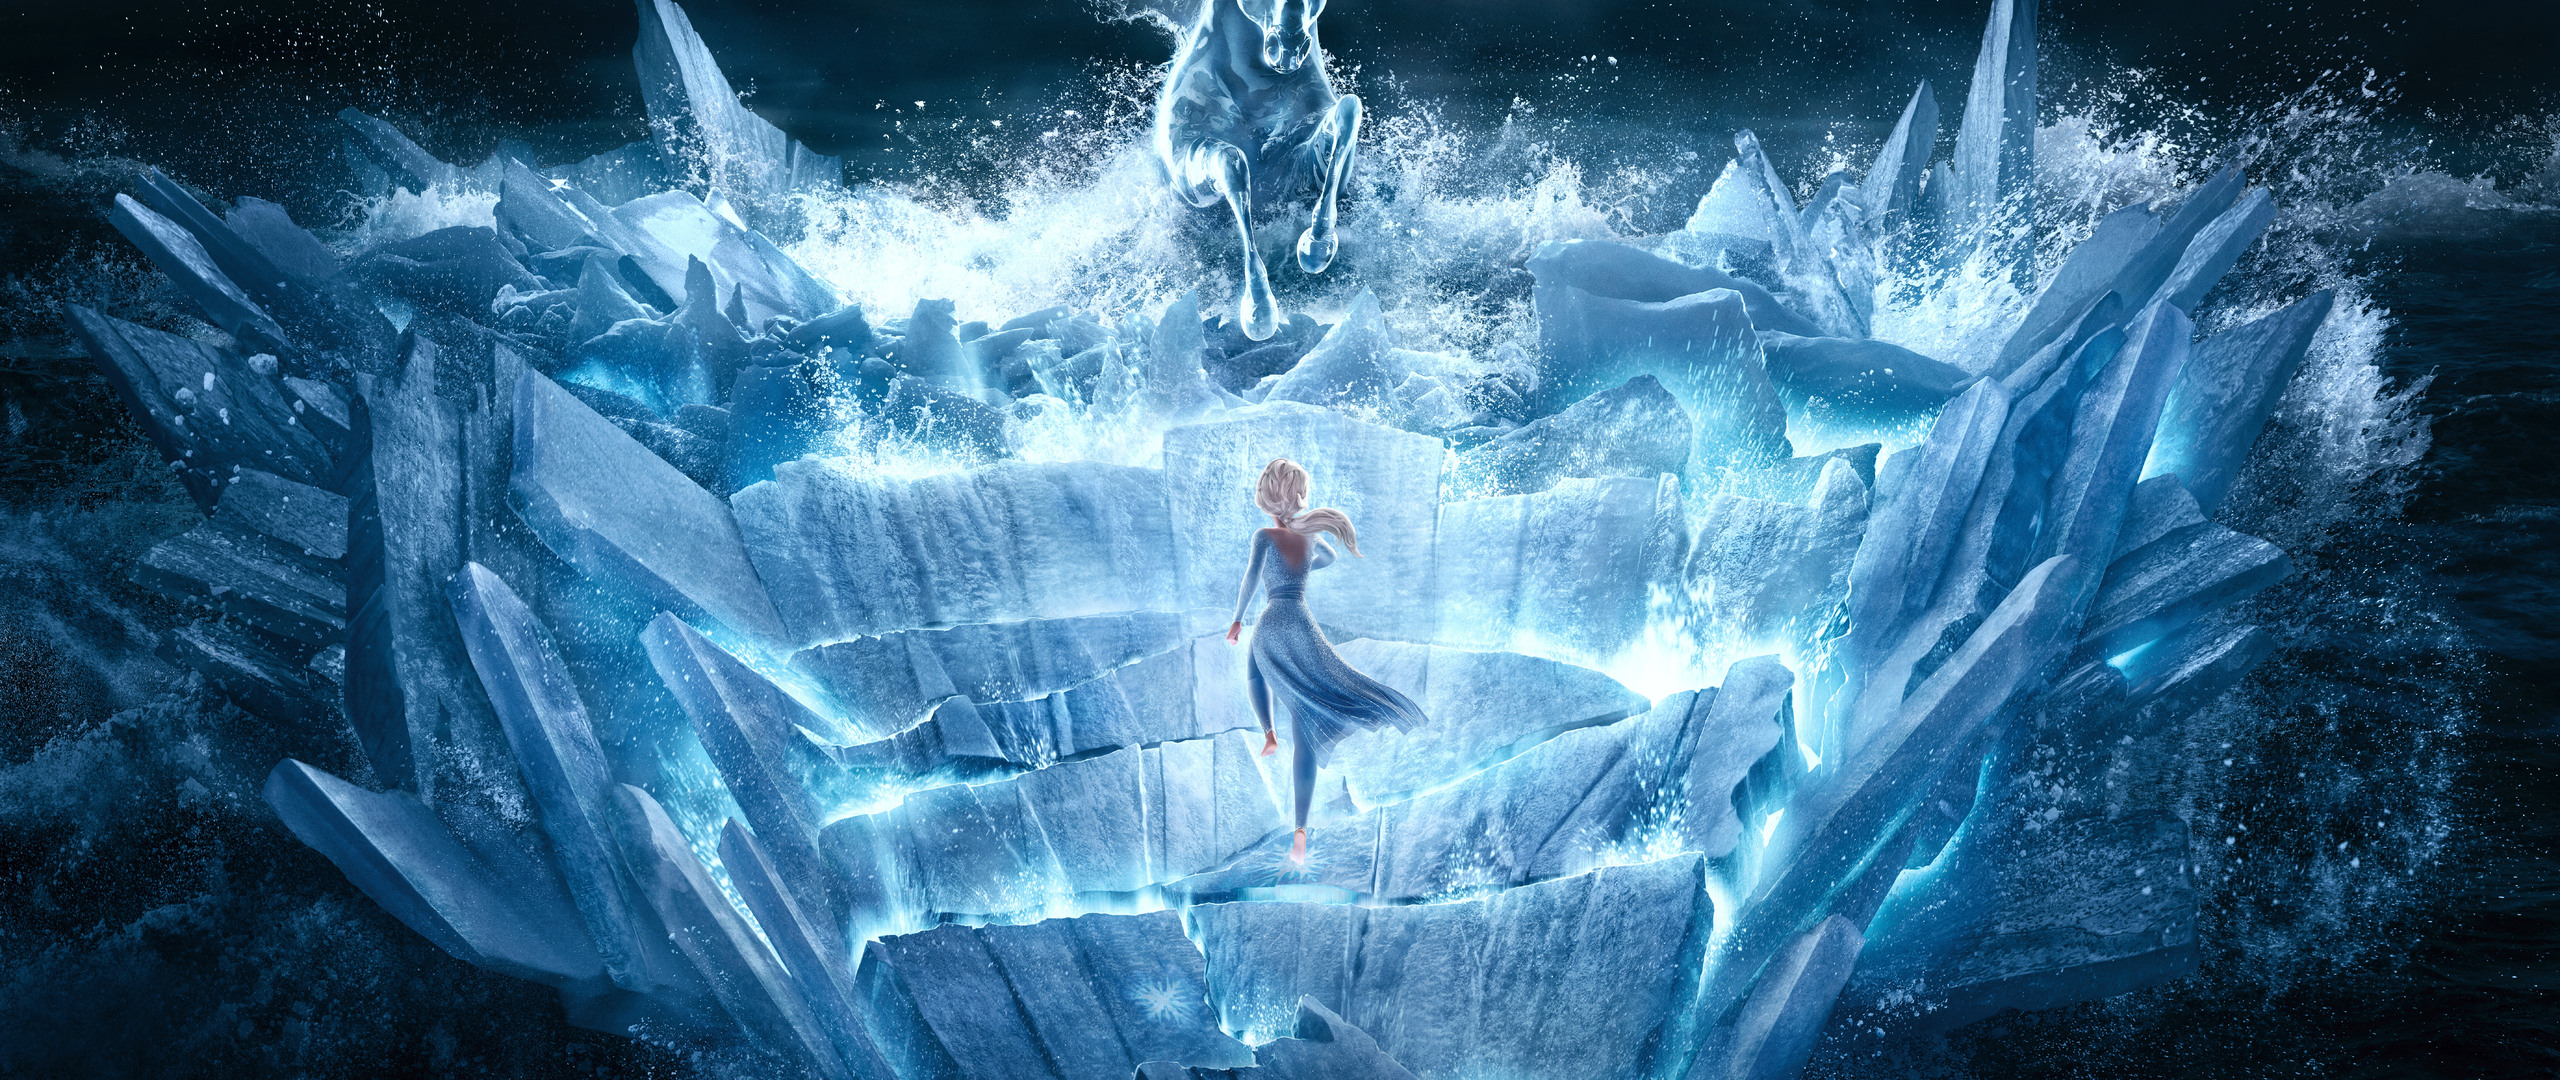 frozen-12k-mm.jpg